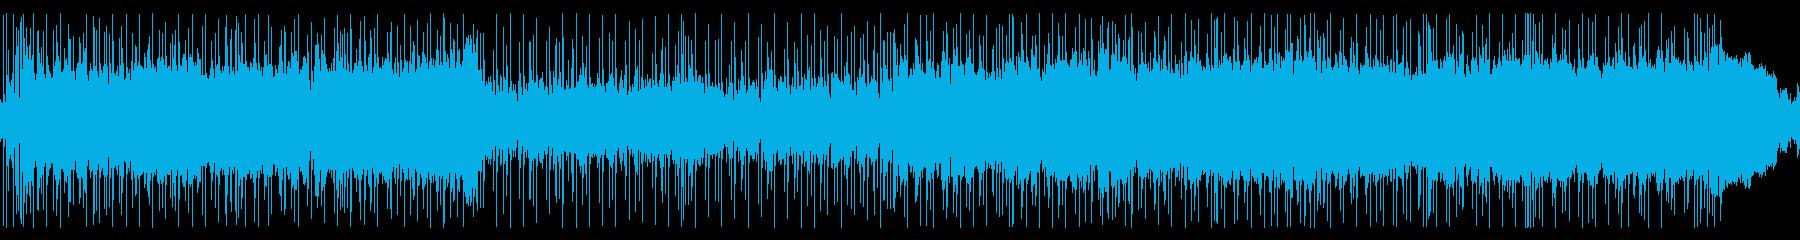 激しめ 爽やか ポップロックの再生済みの波形